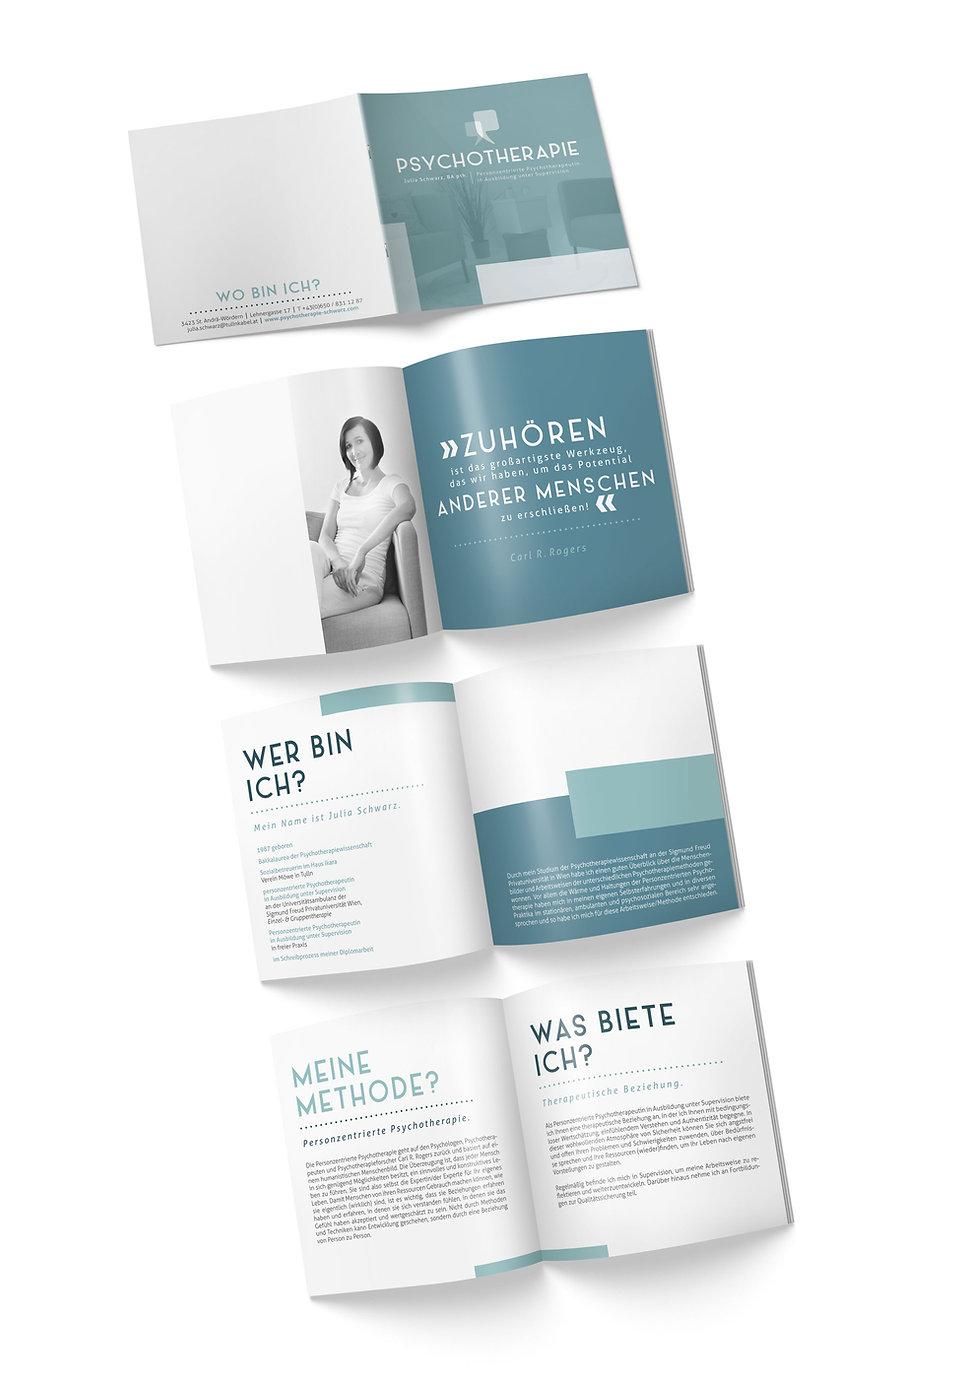 psychotherapie_brochuere.jpg